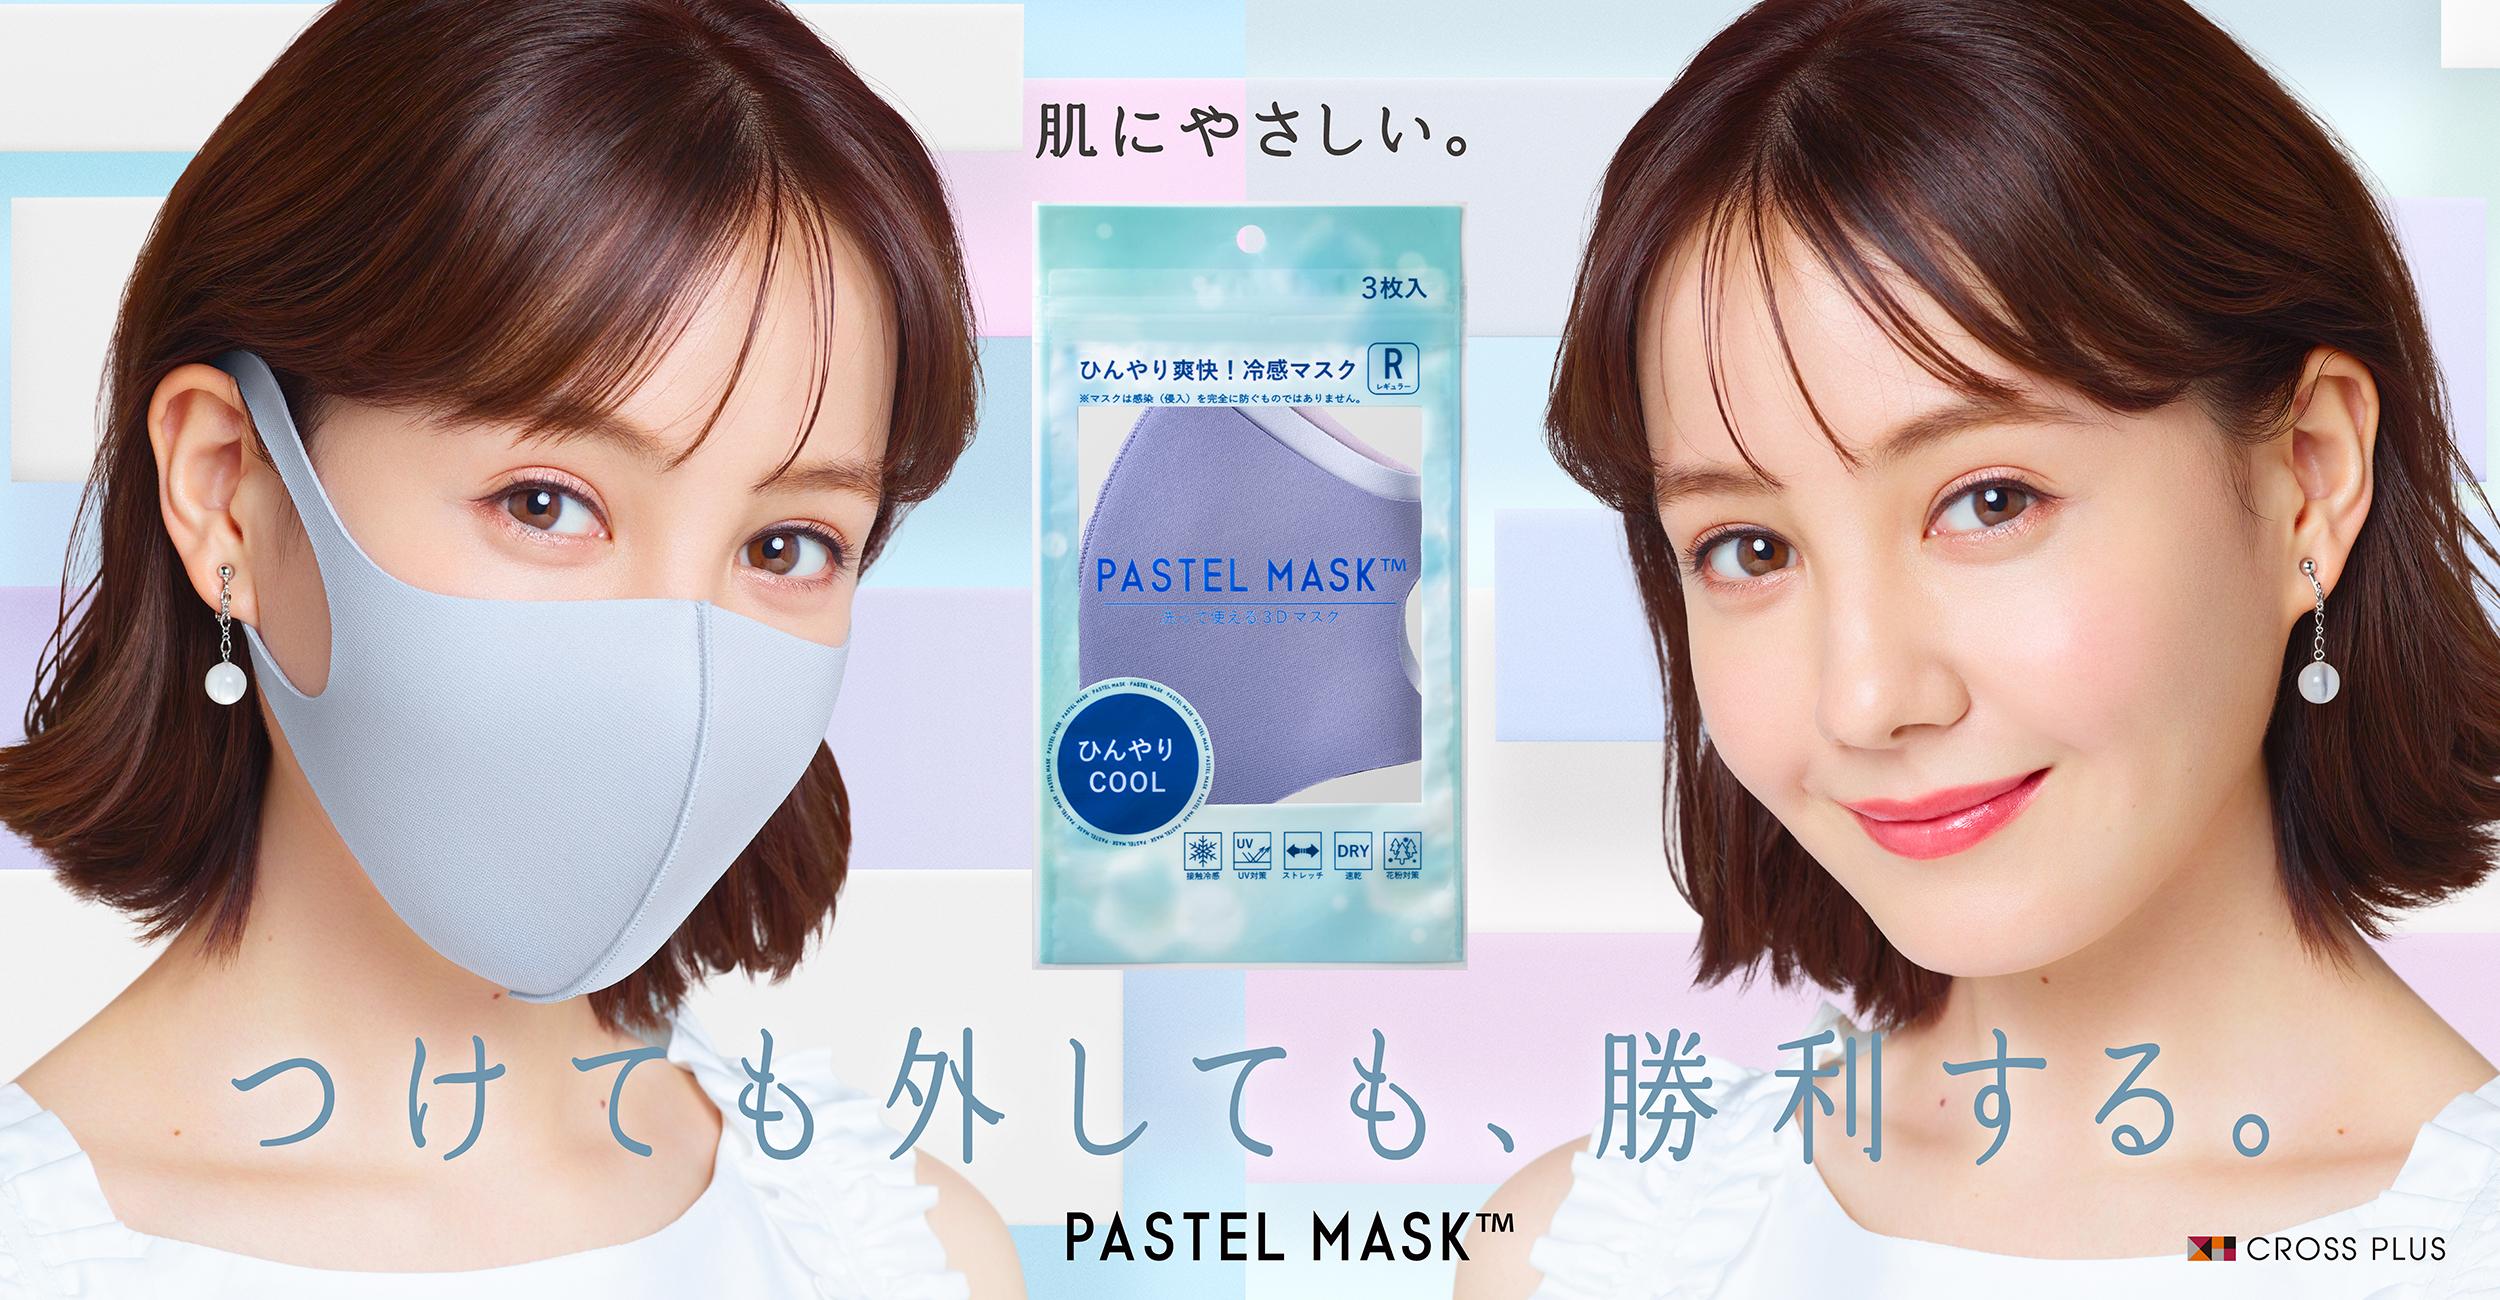 マスク 洗い 方 パステル